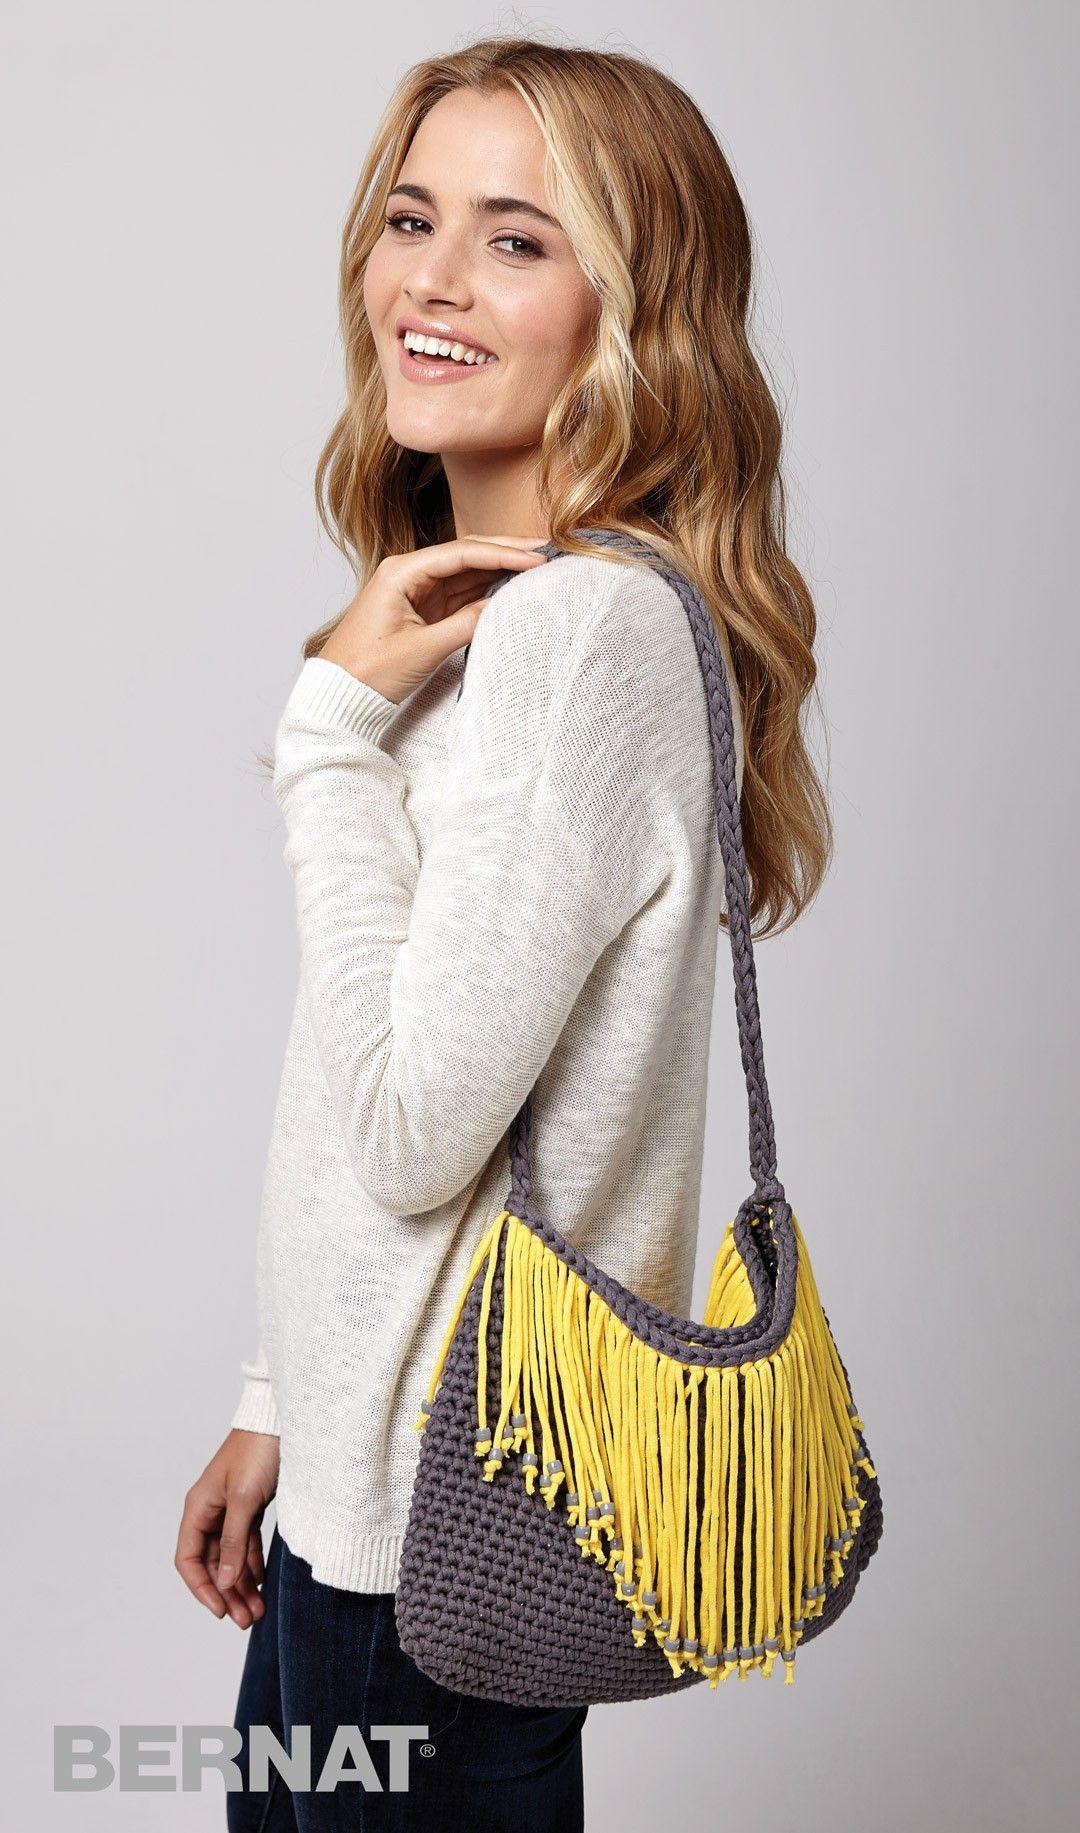 Fringe Benefits Bag - Patterns     Yarnspirations   Home Decor ...